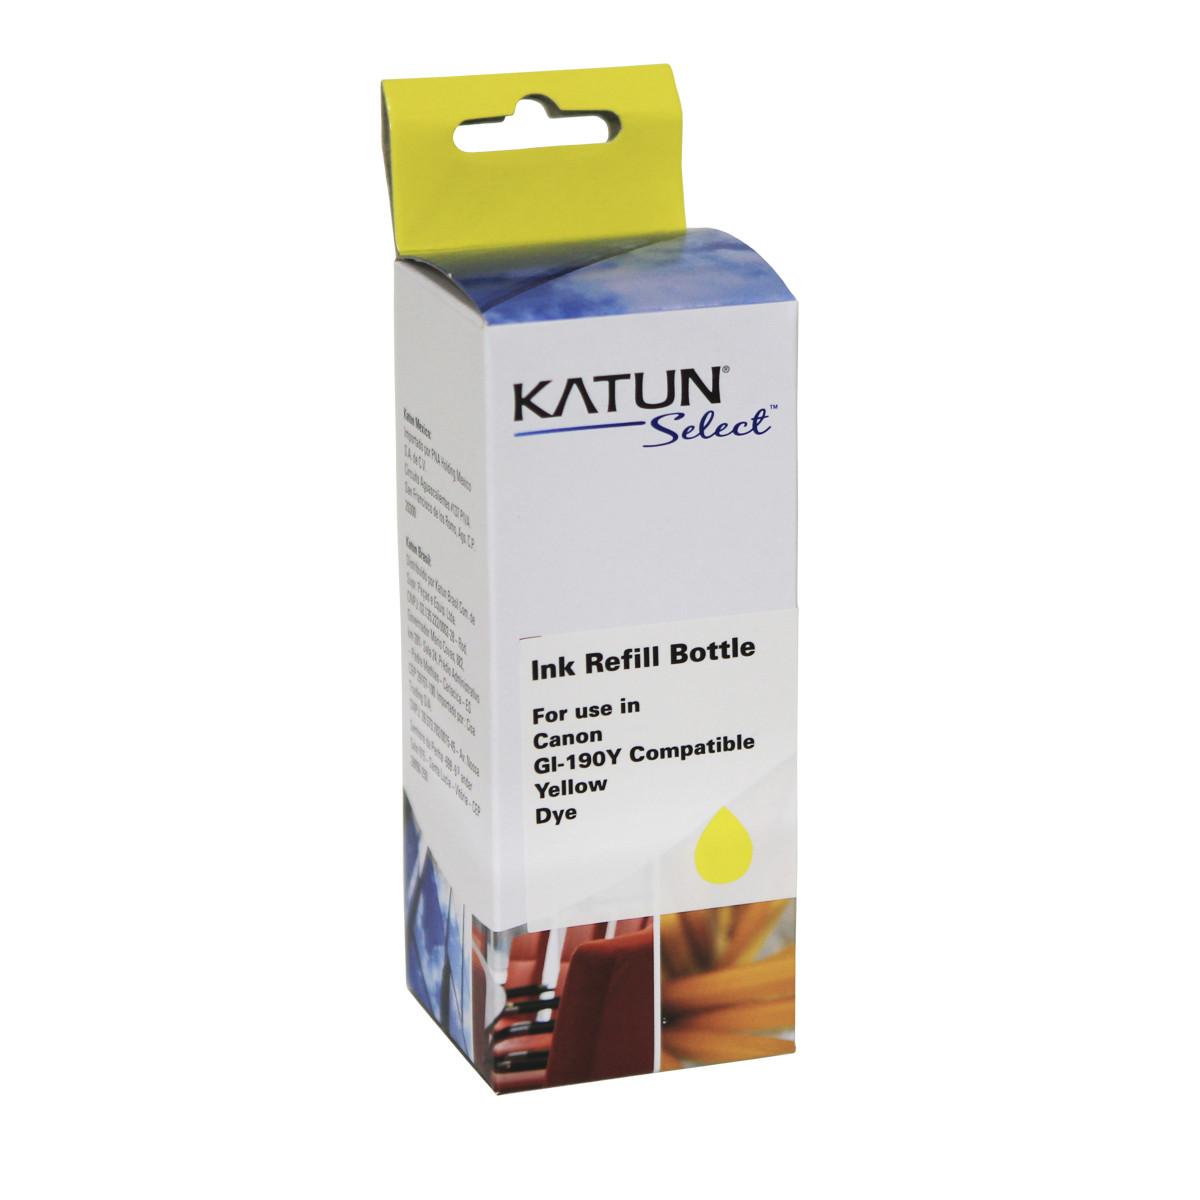 Tinta Compatível com Canon GI-190Y Amarelo   G3100 G2100 G1100 G4100   Katun Select 100ml